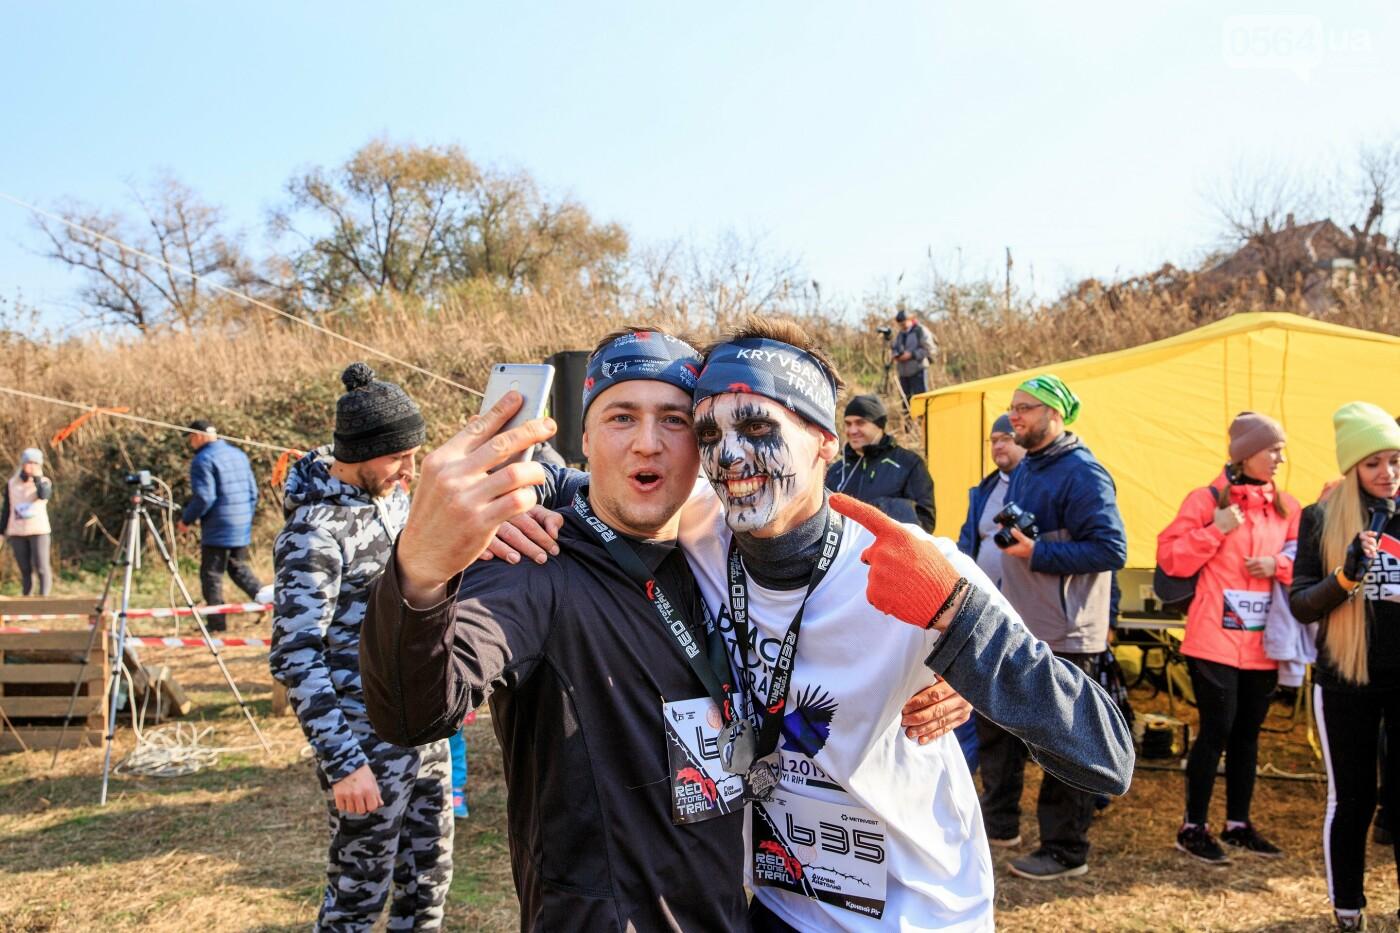 Спортсмены со всей Украины покорили «марсианские» маршруты марафона Red Stones Trail , фото-4